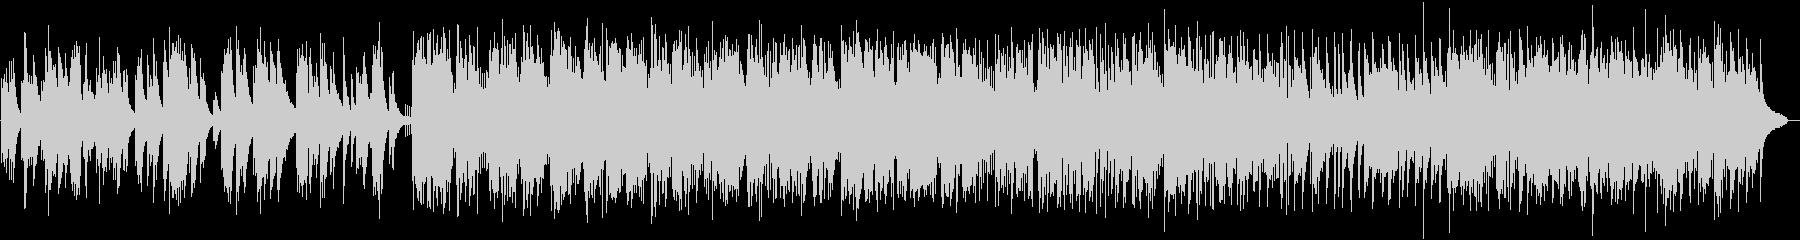 ピアノトリオによるジャズスタンダードの未再生の波形